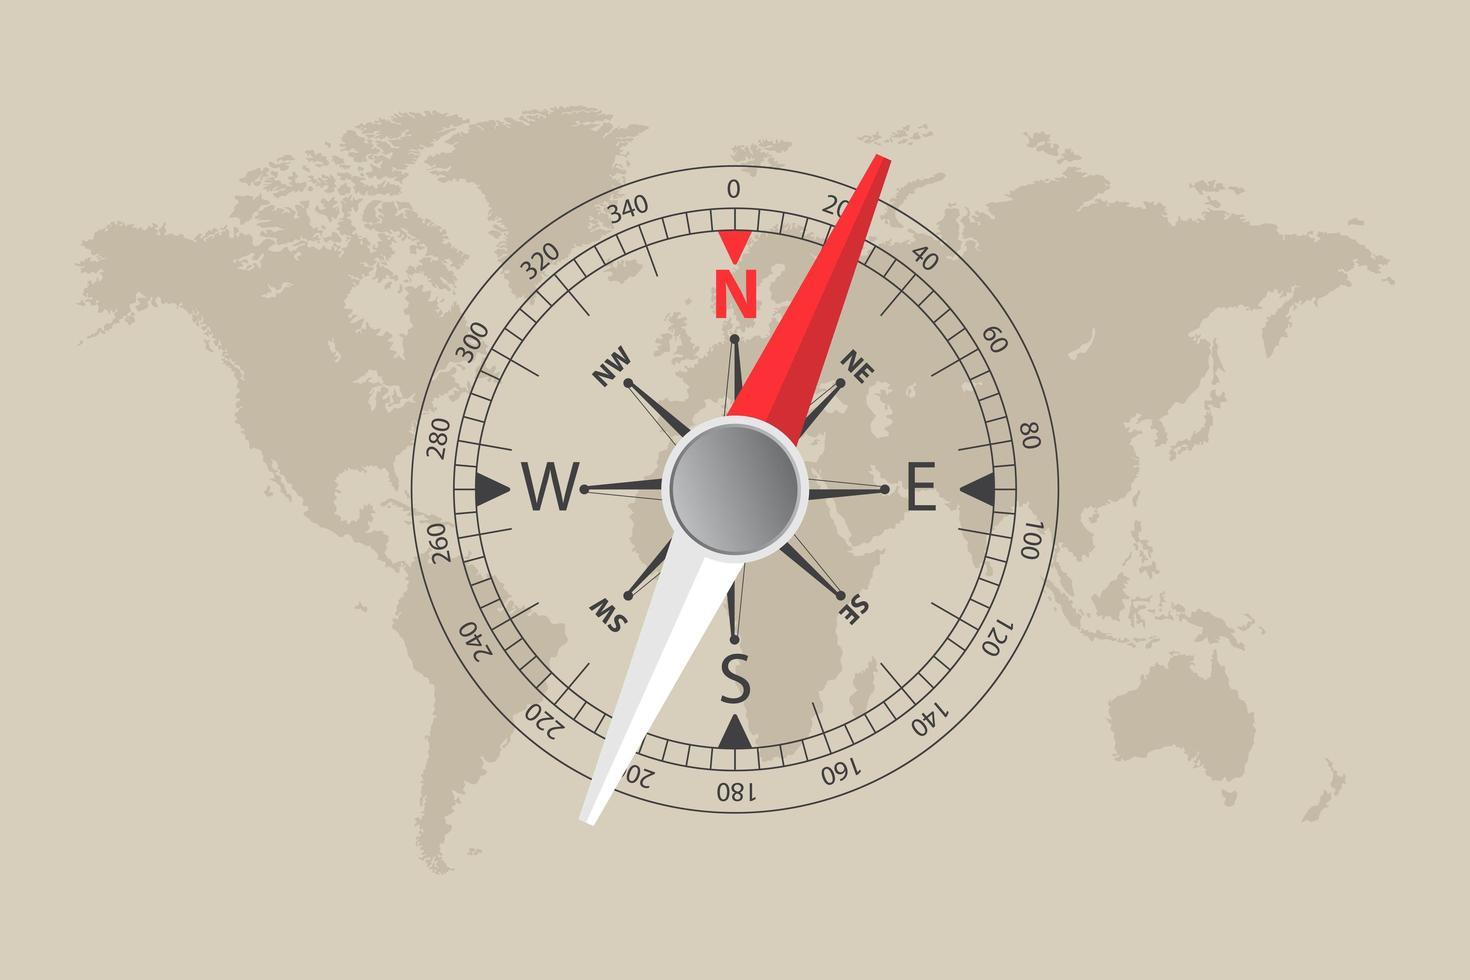 världskarta och magnetisk kompass vektor